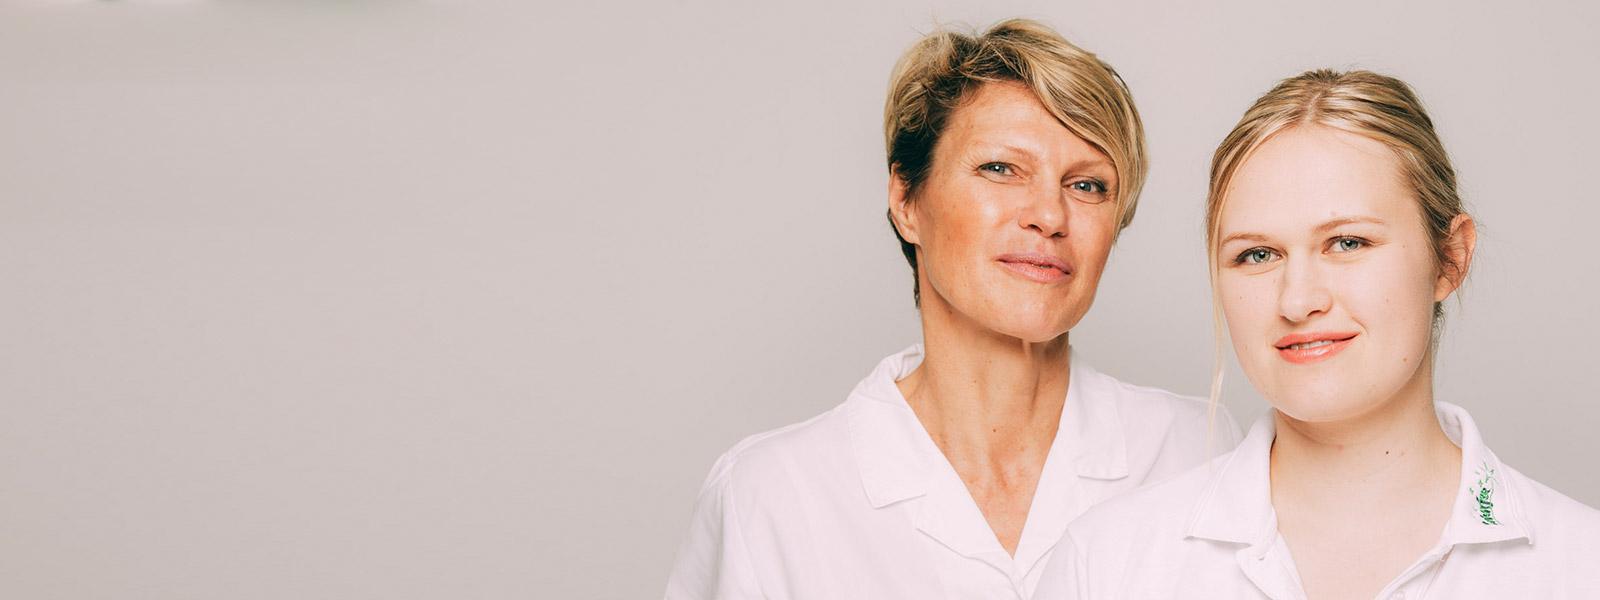 Die Zahnärzte Antje und Anne Stille sind Ihre Zahnärztinnen aus Magdeburg.